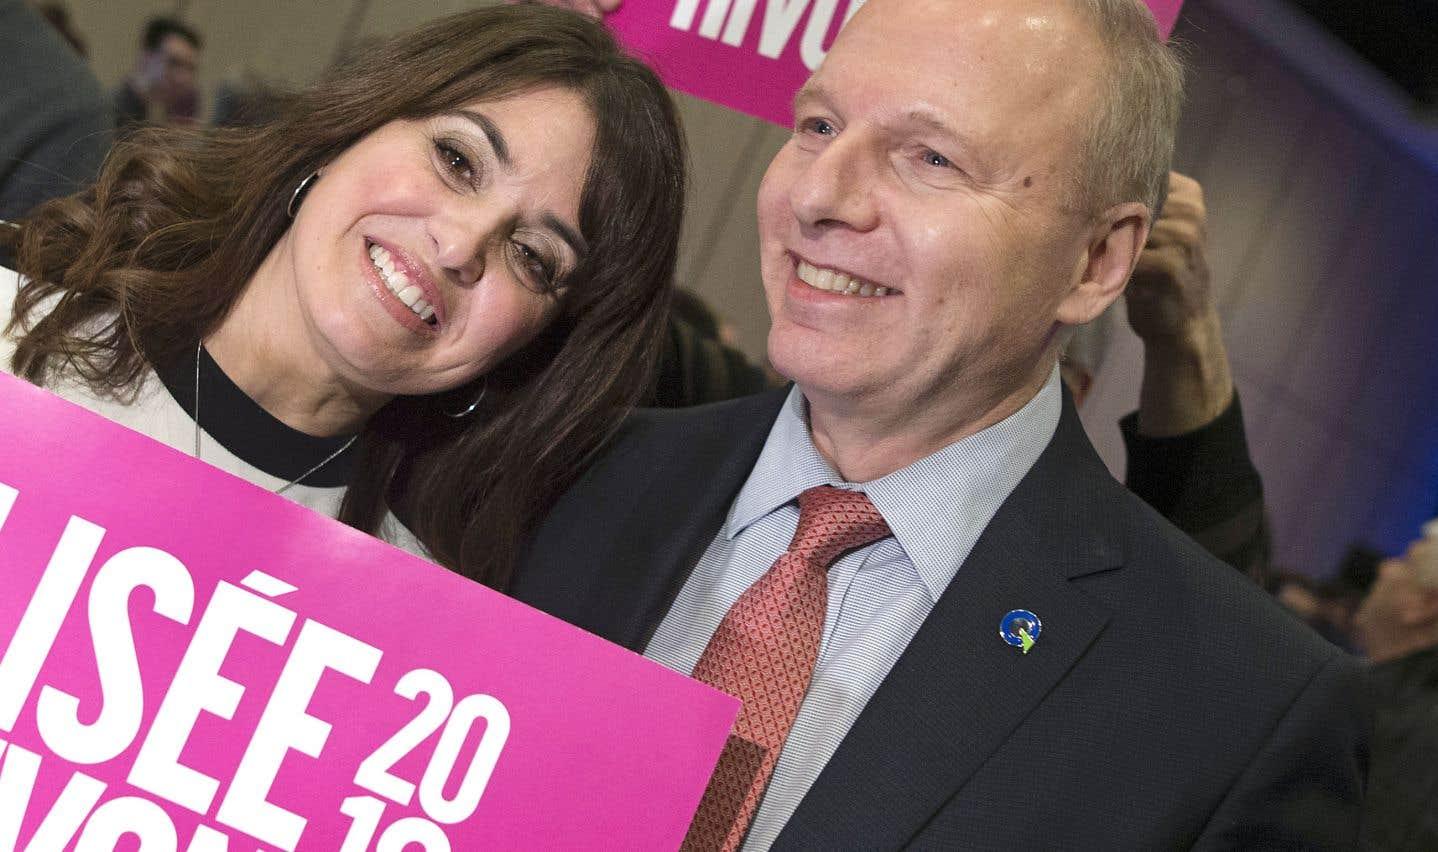 Cette semaine, Jean-François Lisée a annoncé qu'il nommait la députée de Joliette, Véronique Hivon, vice-chef du PQ. L'élue est l'une des personnalités politiques les plus estimées du Québec, avec un taux d'évaluation négatif d'à peine 5%.